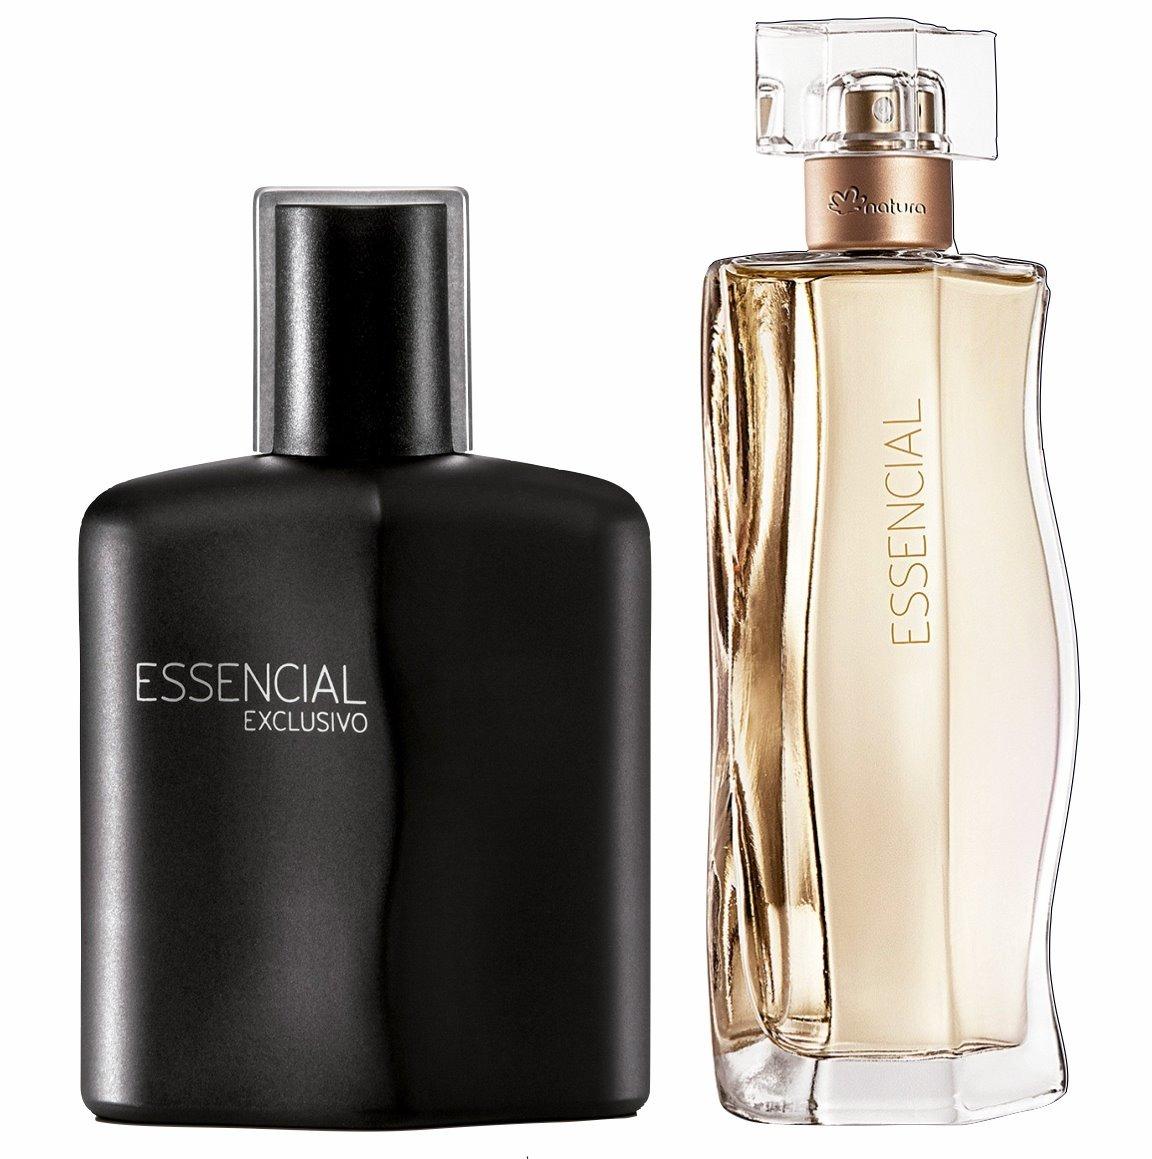 8e3217a2d5 perfume natura essencial exclusivo e essencial feminino kit. Carregando zoom .